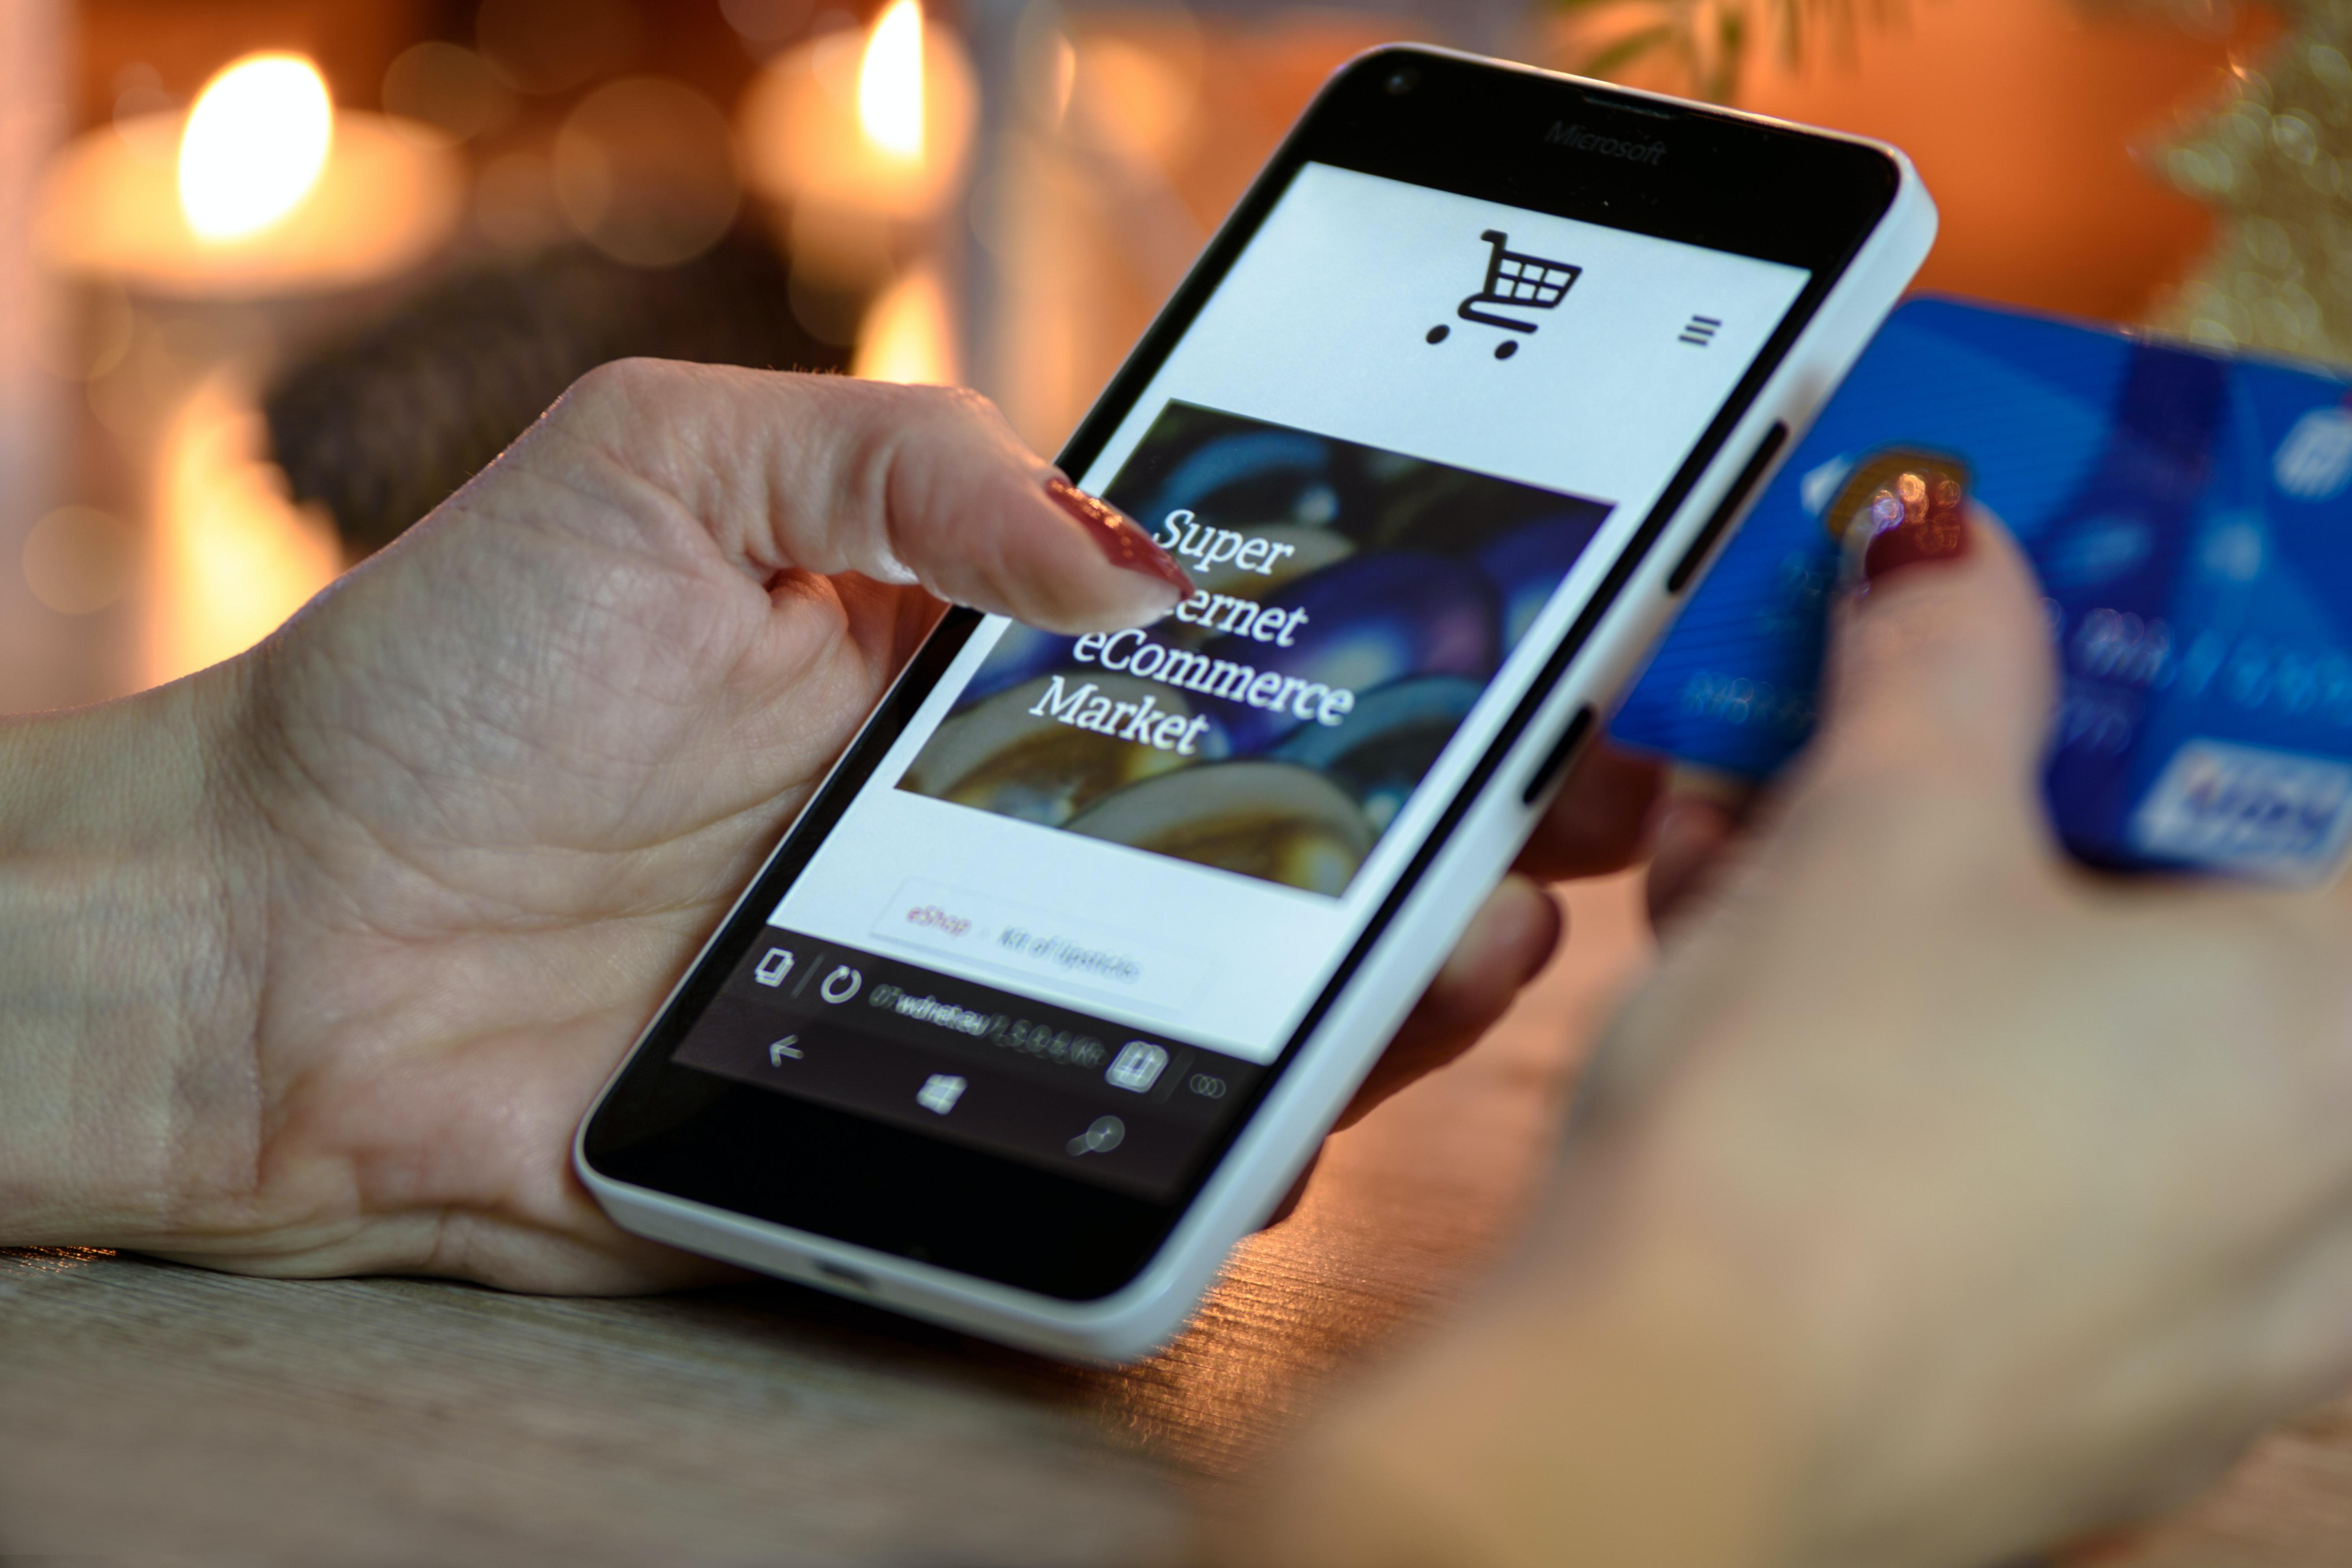 Vairāk e-komercijas = vairāk informācijas par produktiem